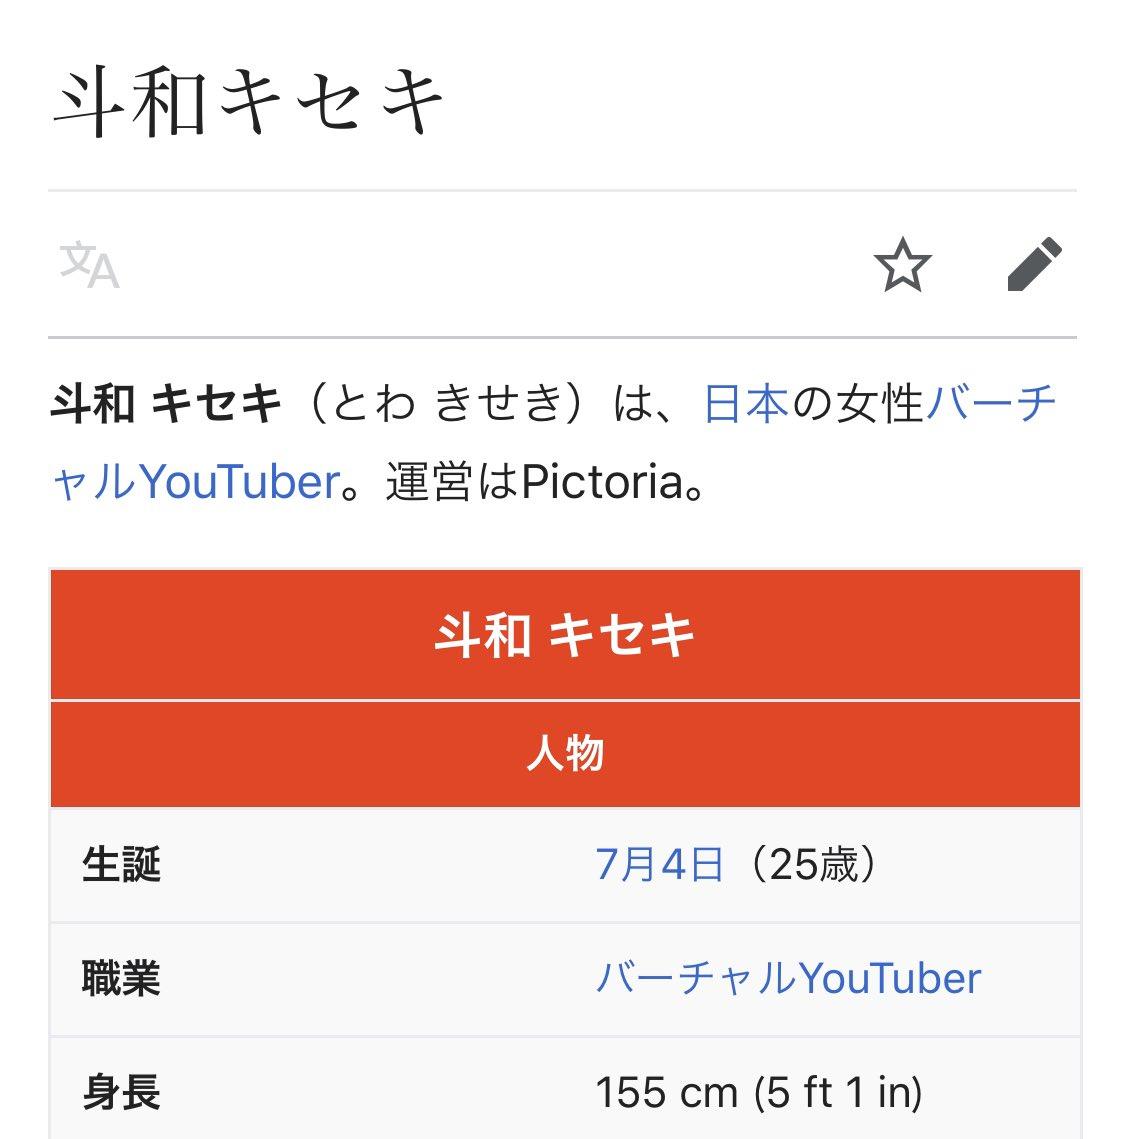 斗和キセキのWikipediaできてた、やばい、めっちゃ嬉しい、誕生日と年齢が何故かウチの社長のプロフィールだけど全然許せる、嬉しい、ありがとう、いや、やっぱり許せなくなってきた